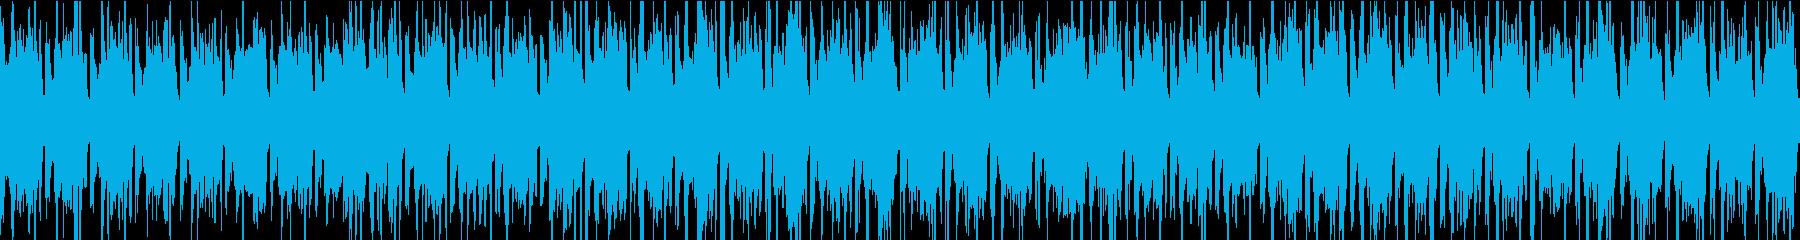 シンセメインのシンプルなループBGMの再生済みの波形